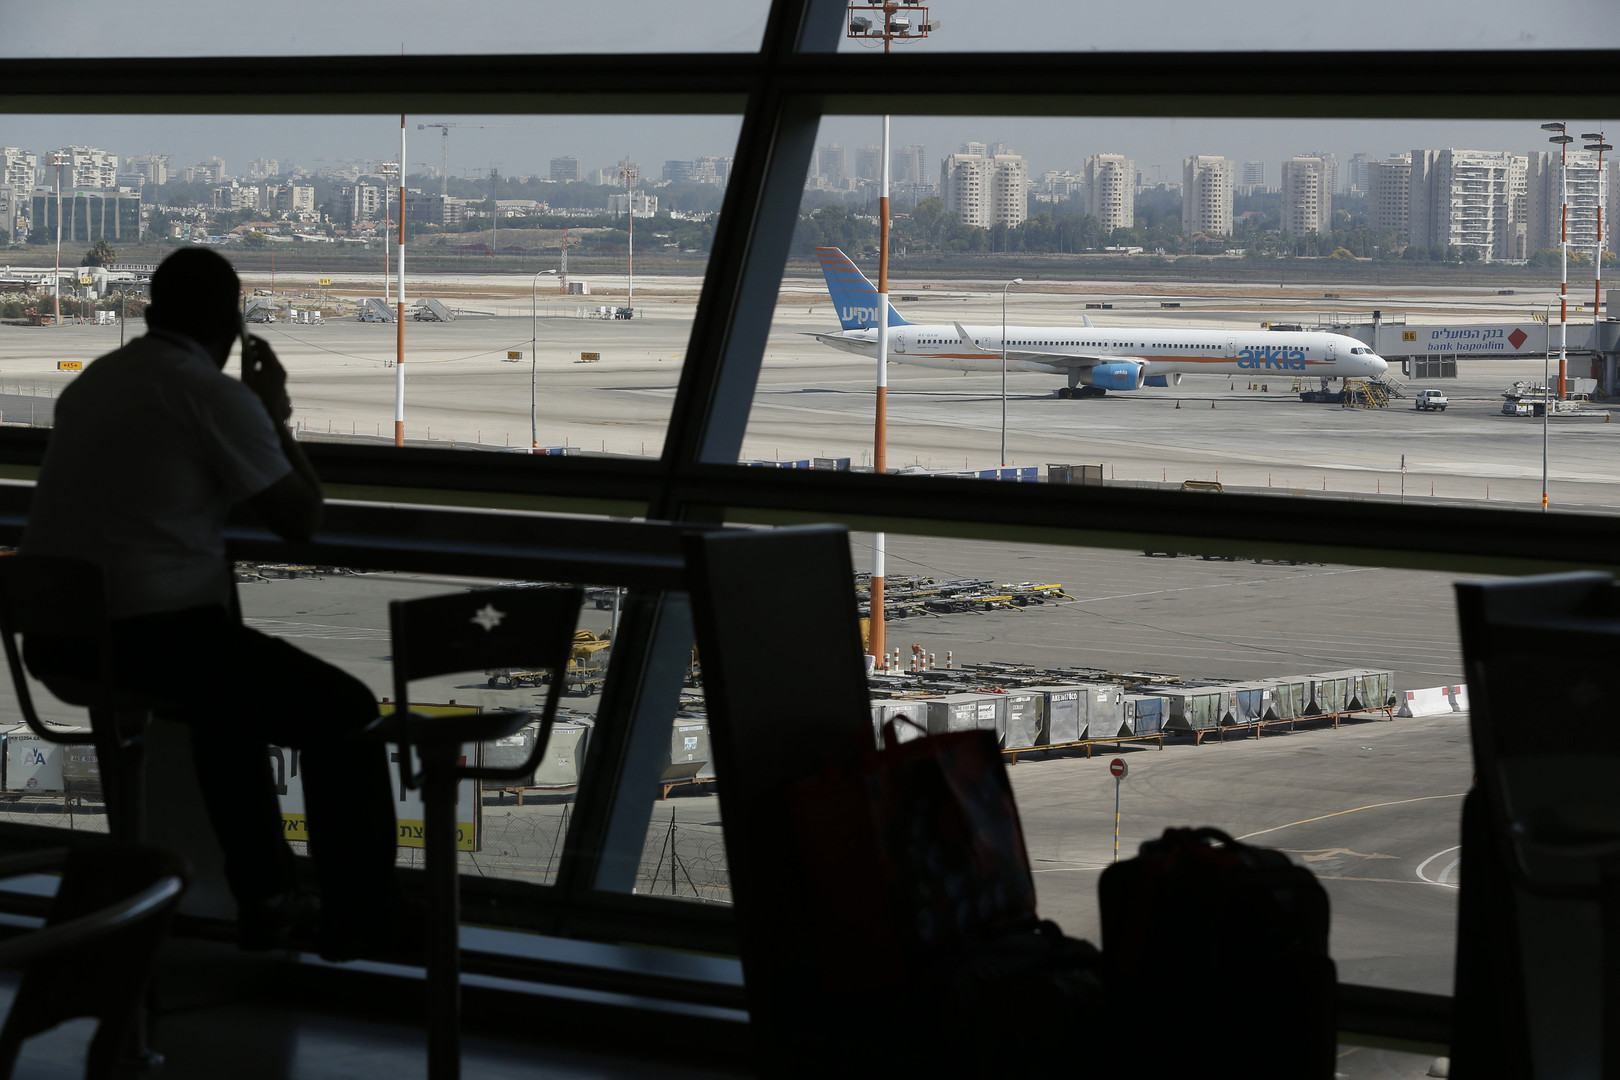 حالة تأهب قصوى في مطار بن غوريون بسبب هبوط اضطراري لطائرة ركاب ألمانية